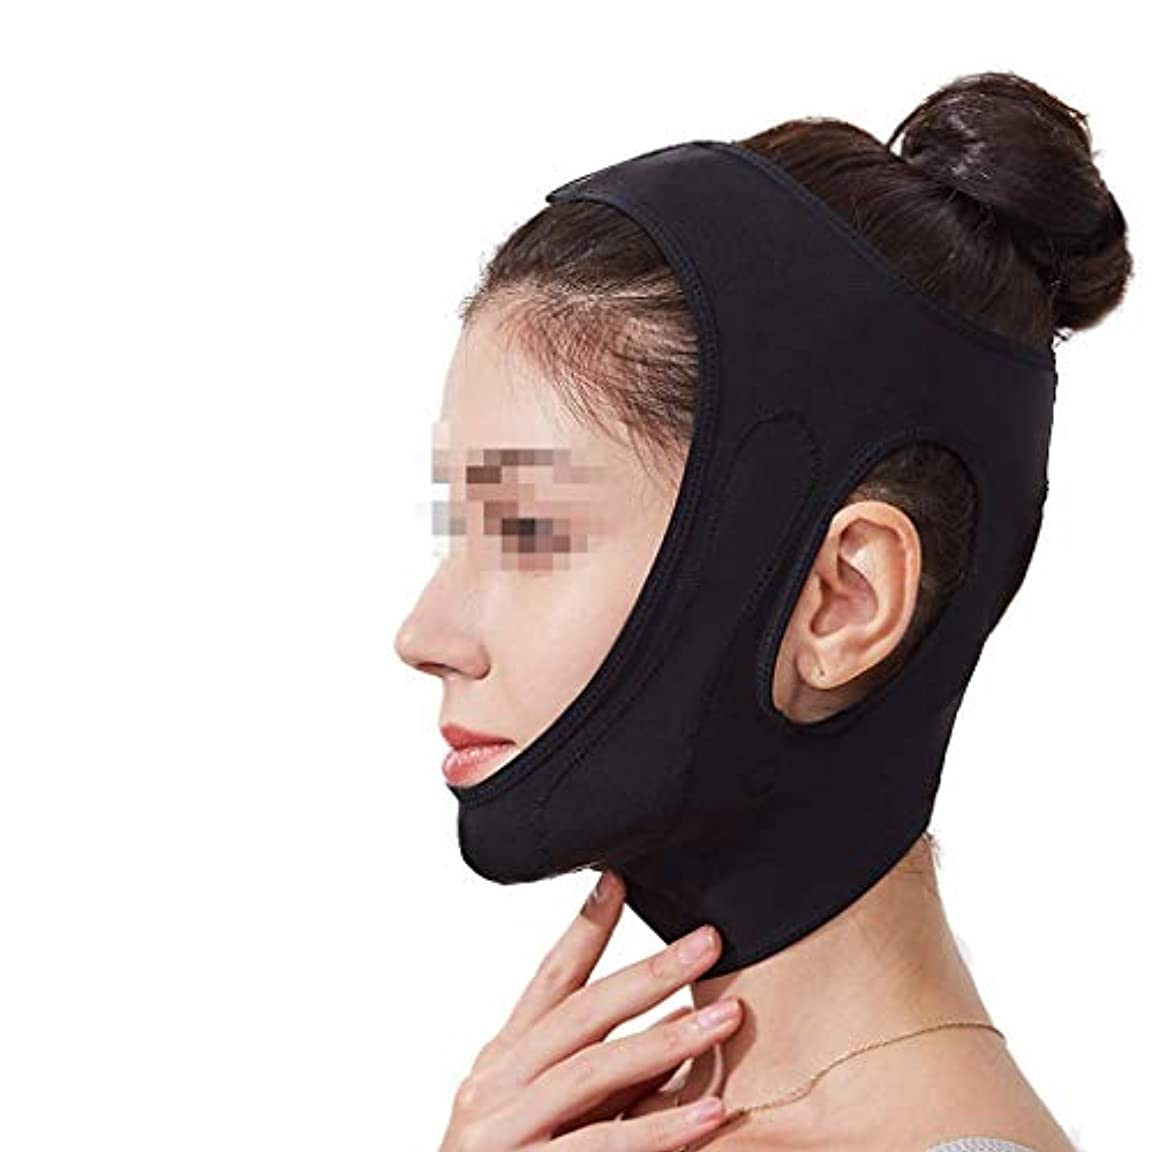 骨横おそらくフェイスリフティング包帯、フェイスマスクフェイスリフトチン快適なフェイスマルチカラーオプション(カラー:ブラック),ブラック